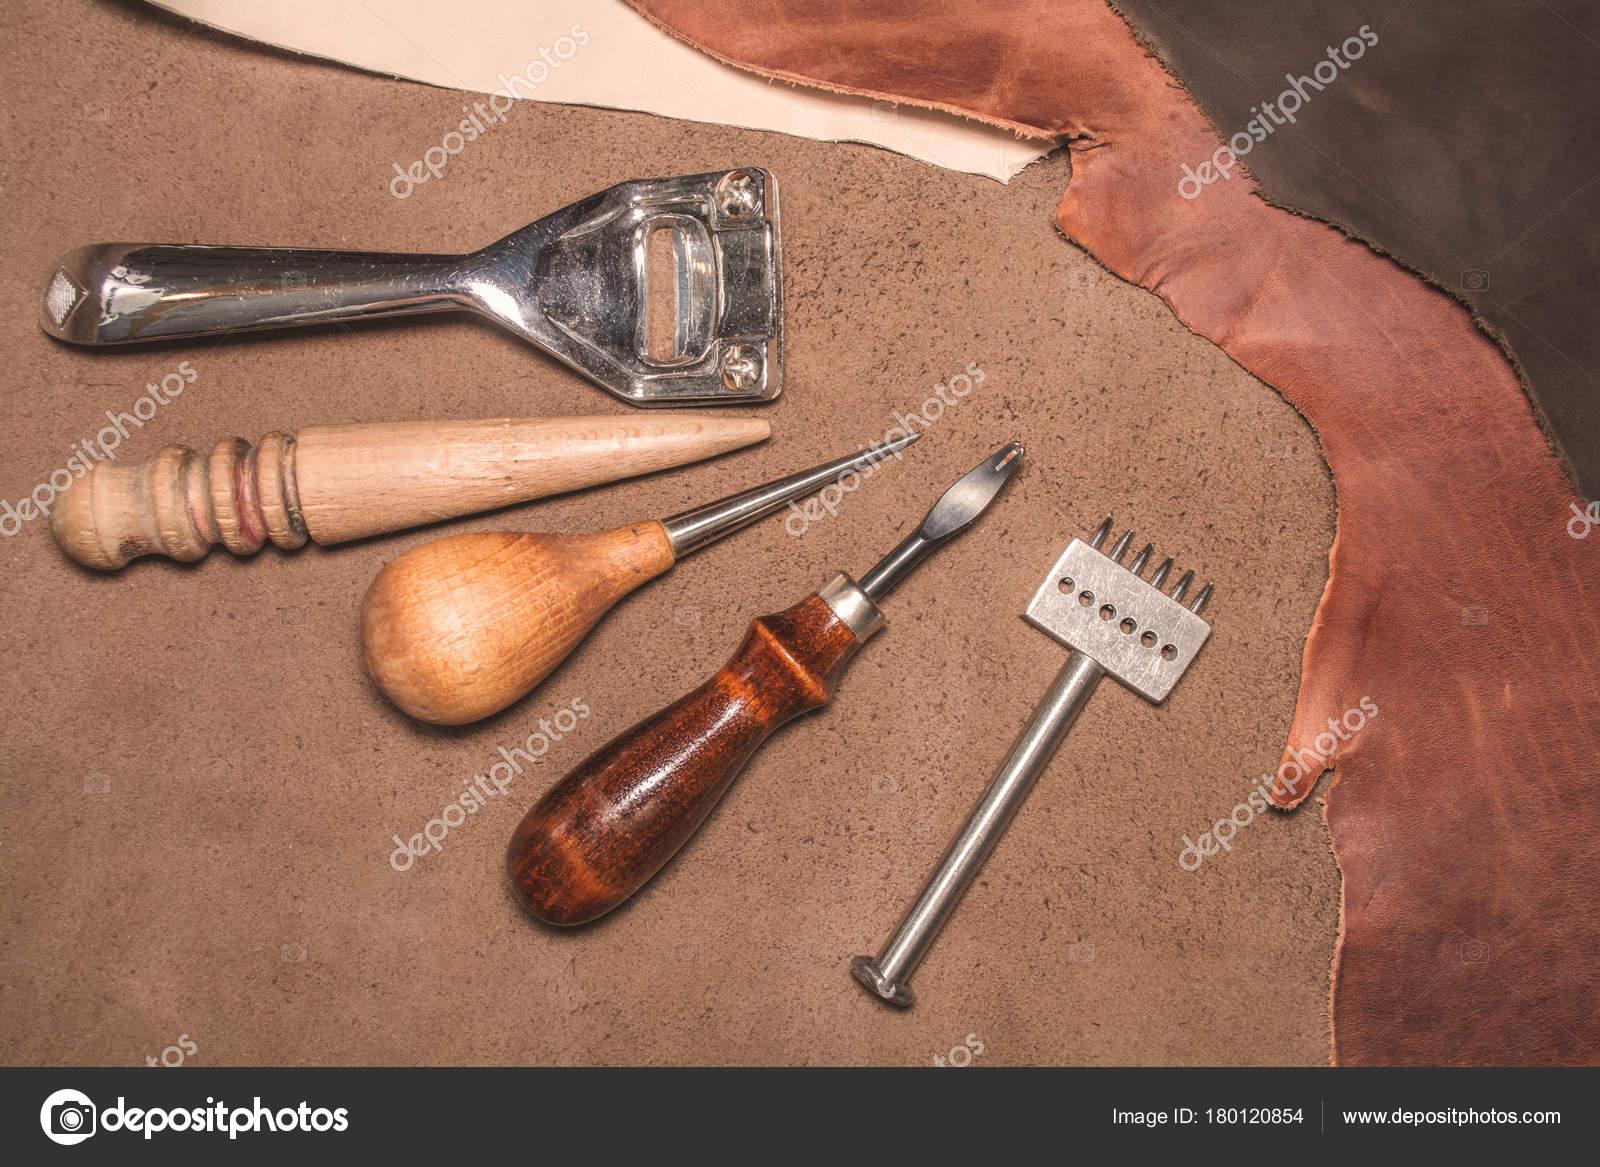 Κατασκευή δερμάτινων ειδών. Υλικά και εργαλεία για την παραγωγή δέρματος–  εικόνα αρχείου 58dc20a0ef0